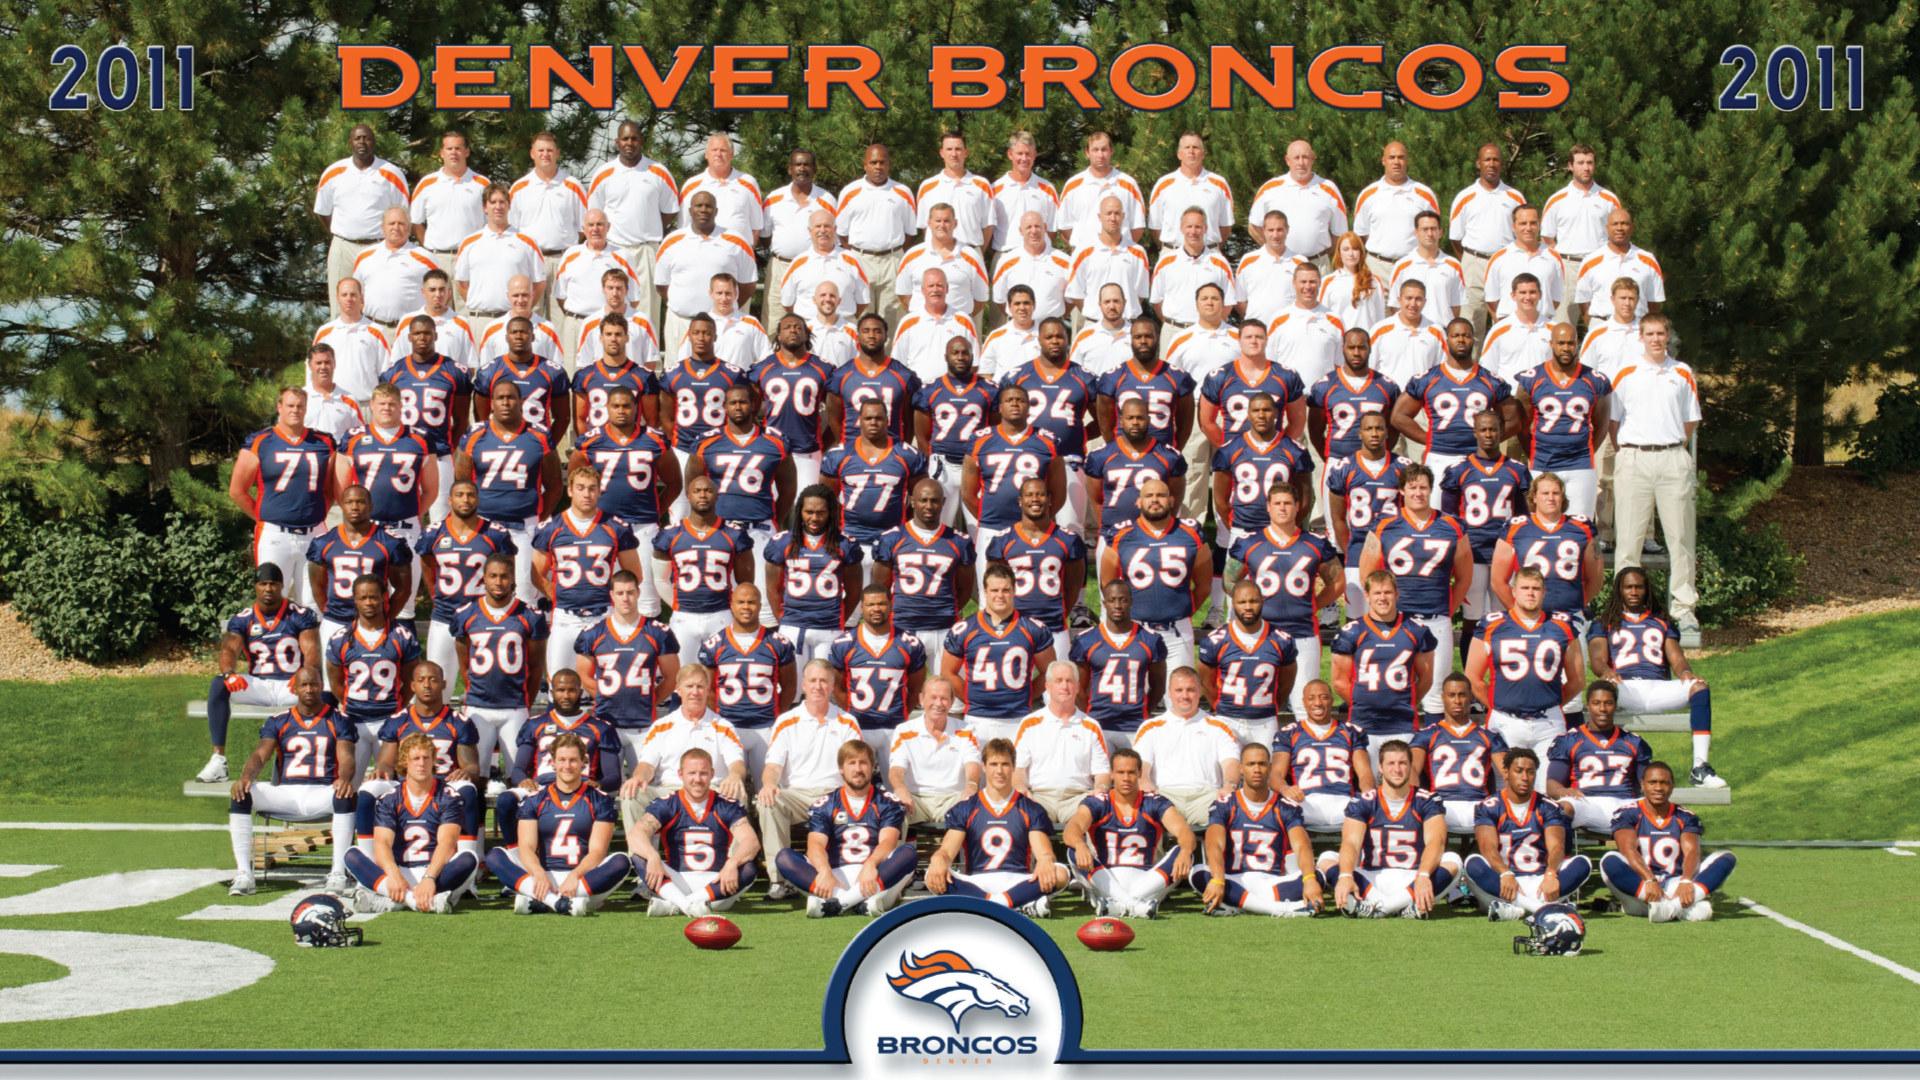 2011 Denver Broncos